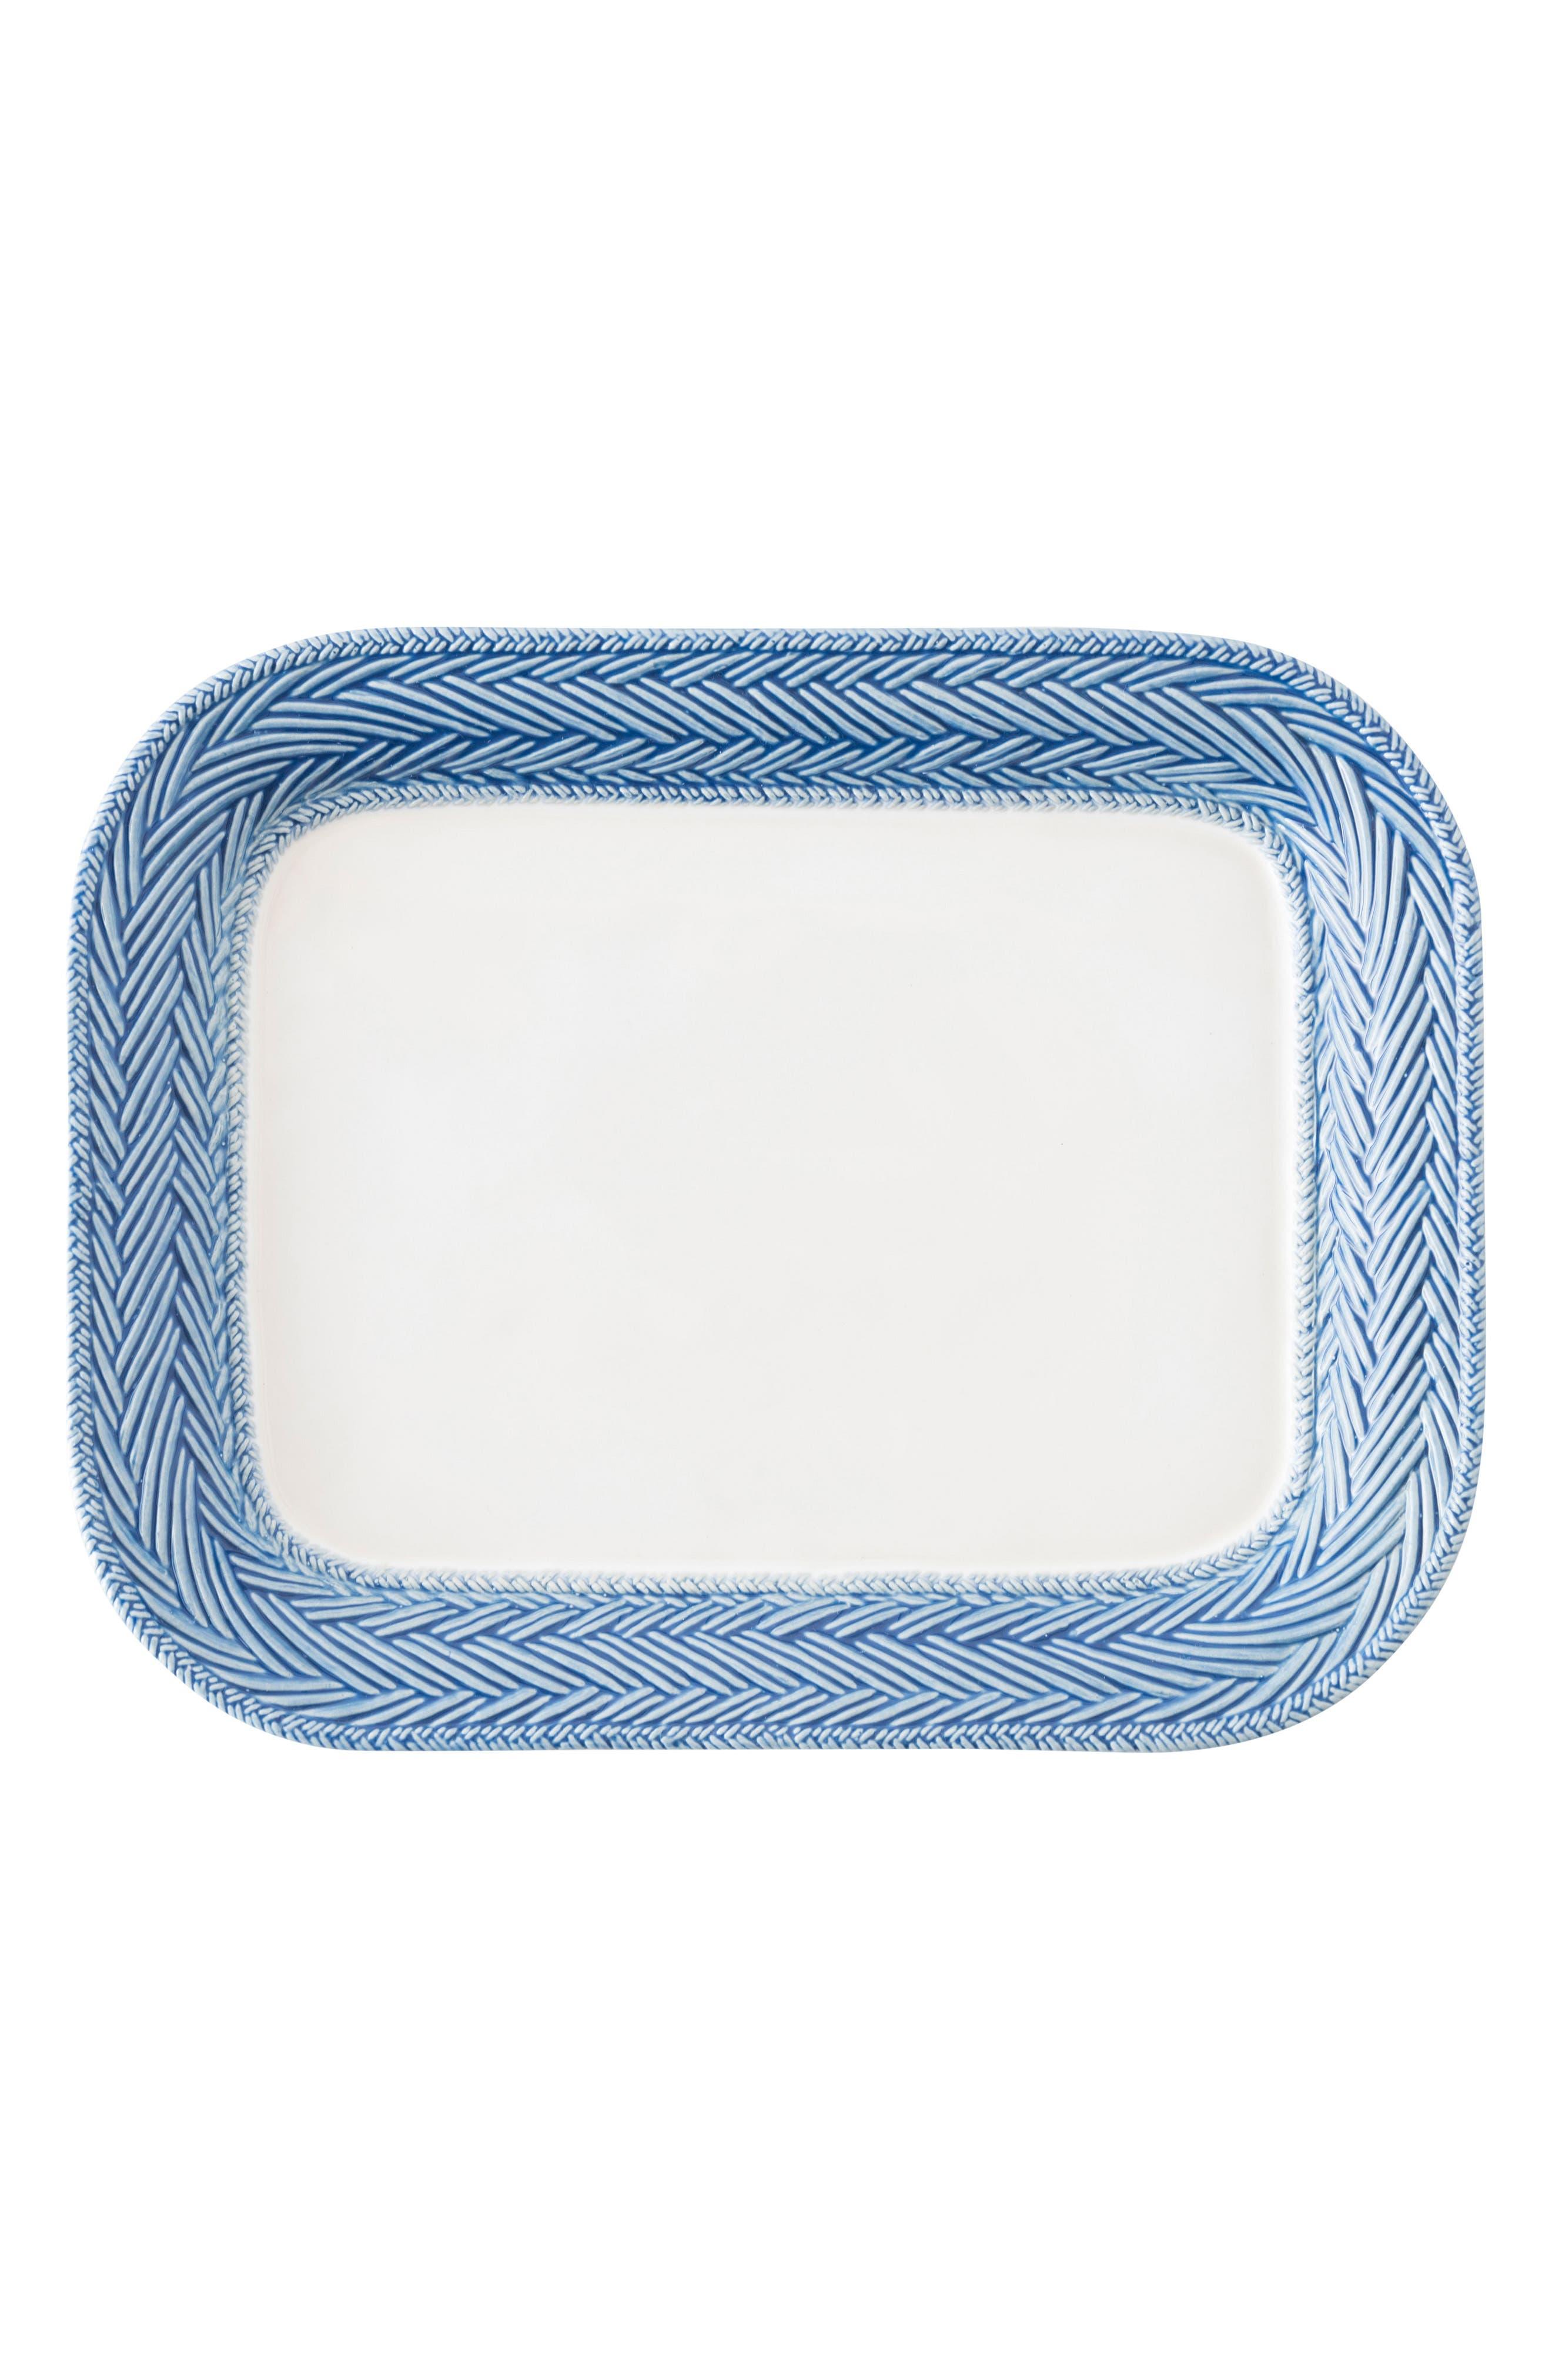 Le Panier Serving Platter,                         Main,                         color, Whitewash/ Delft Blue